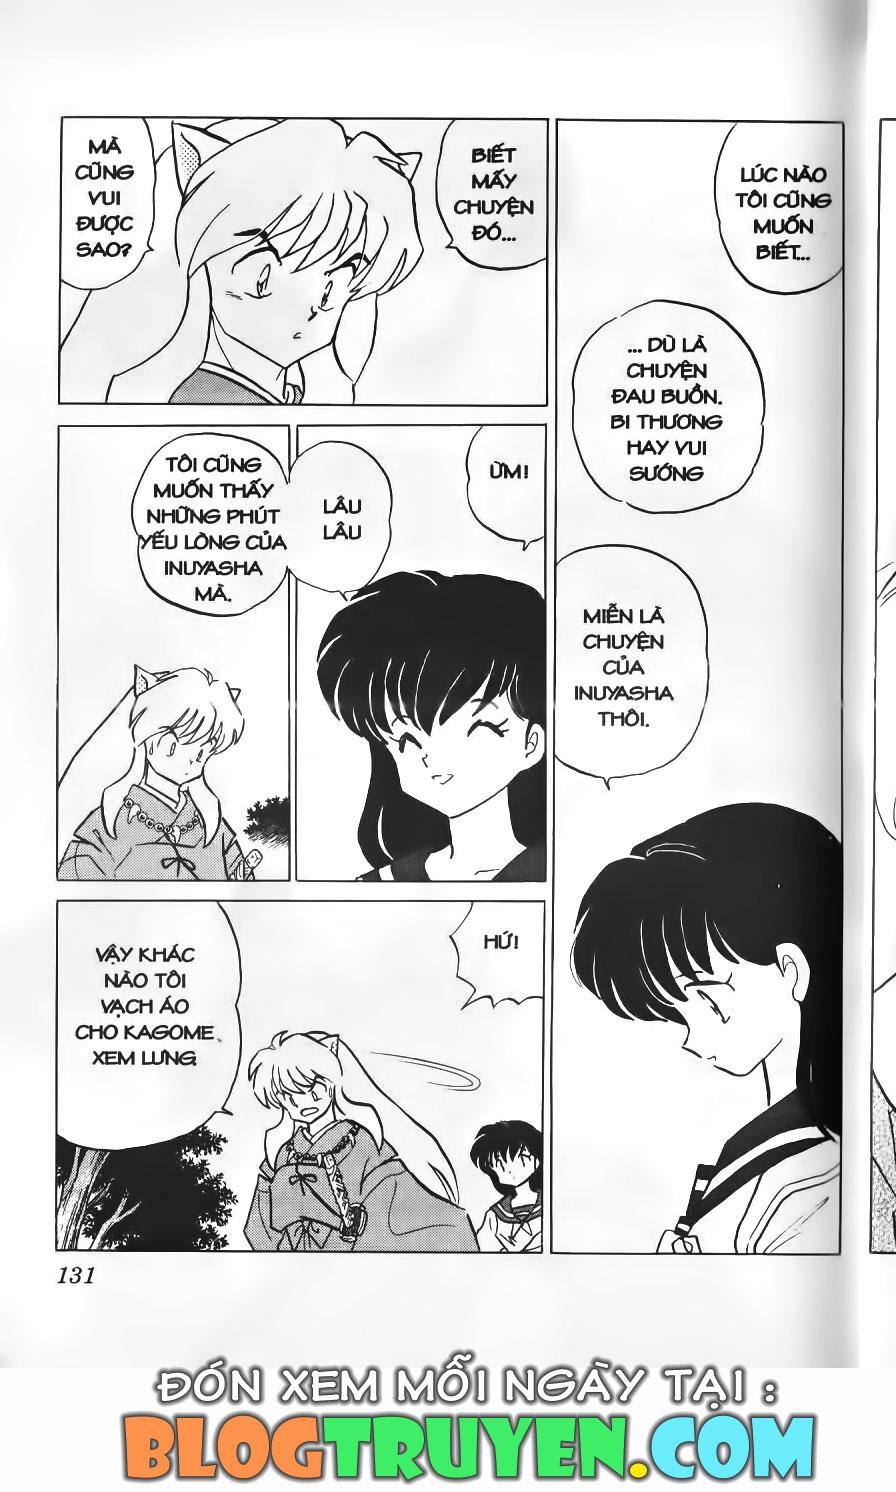 Inuyasha vol 12.7 trang 18